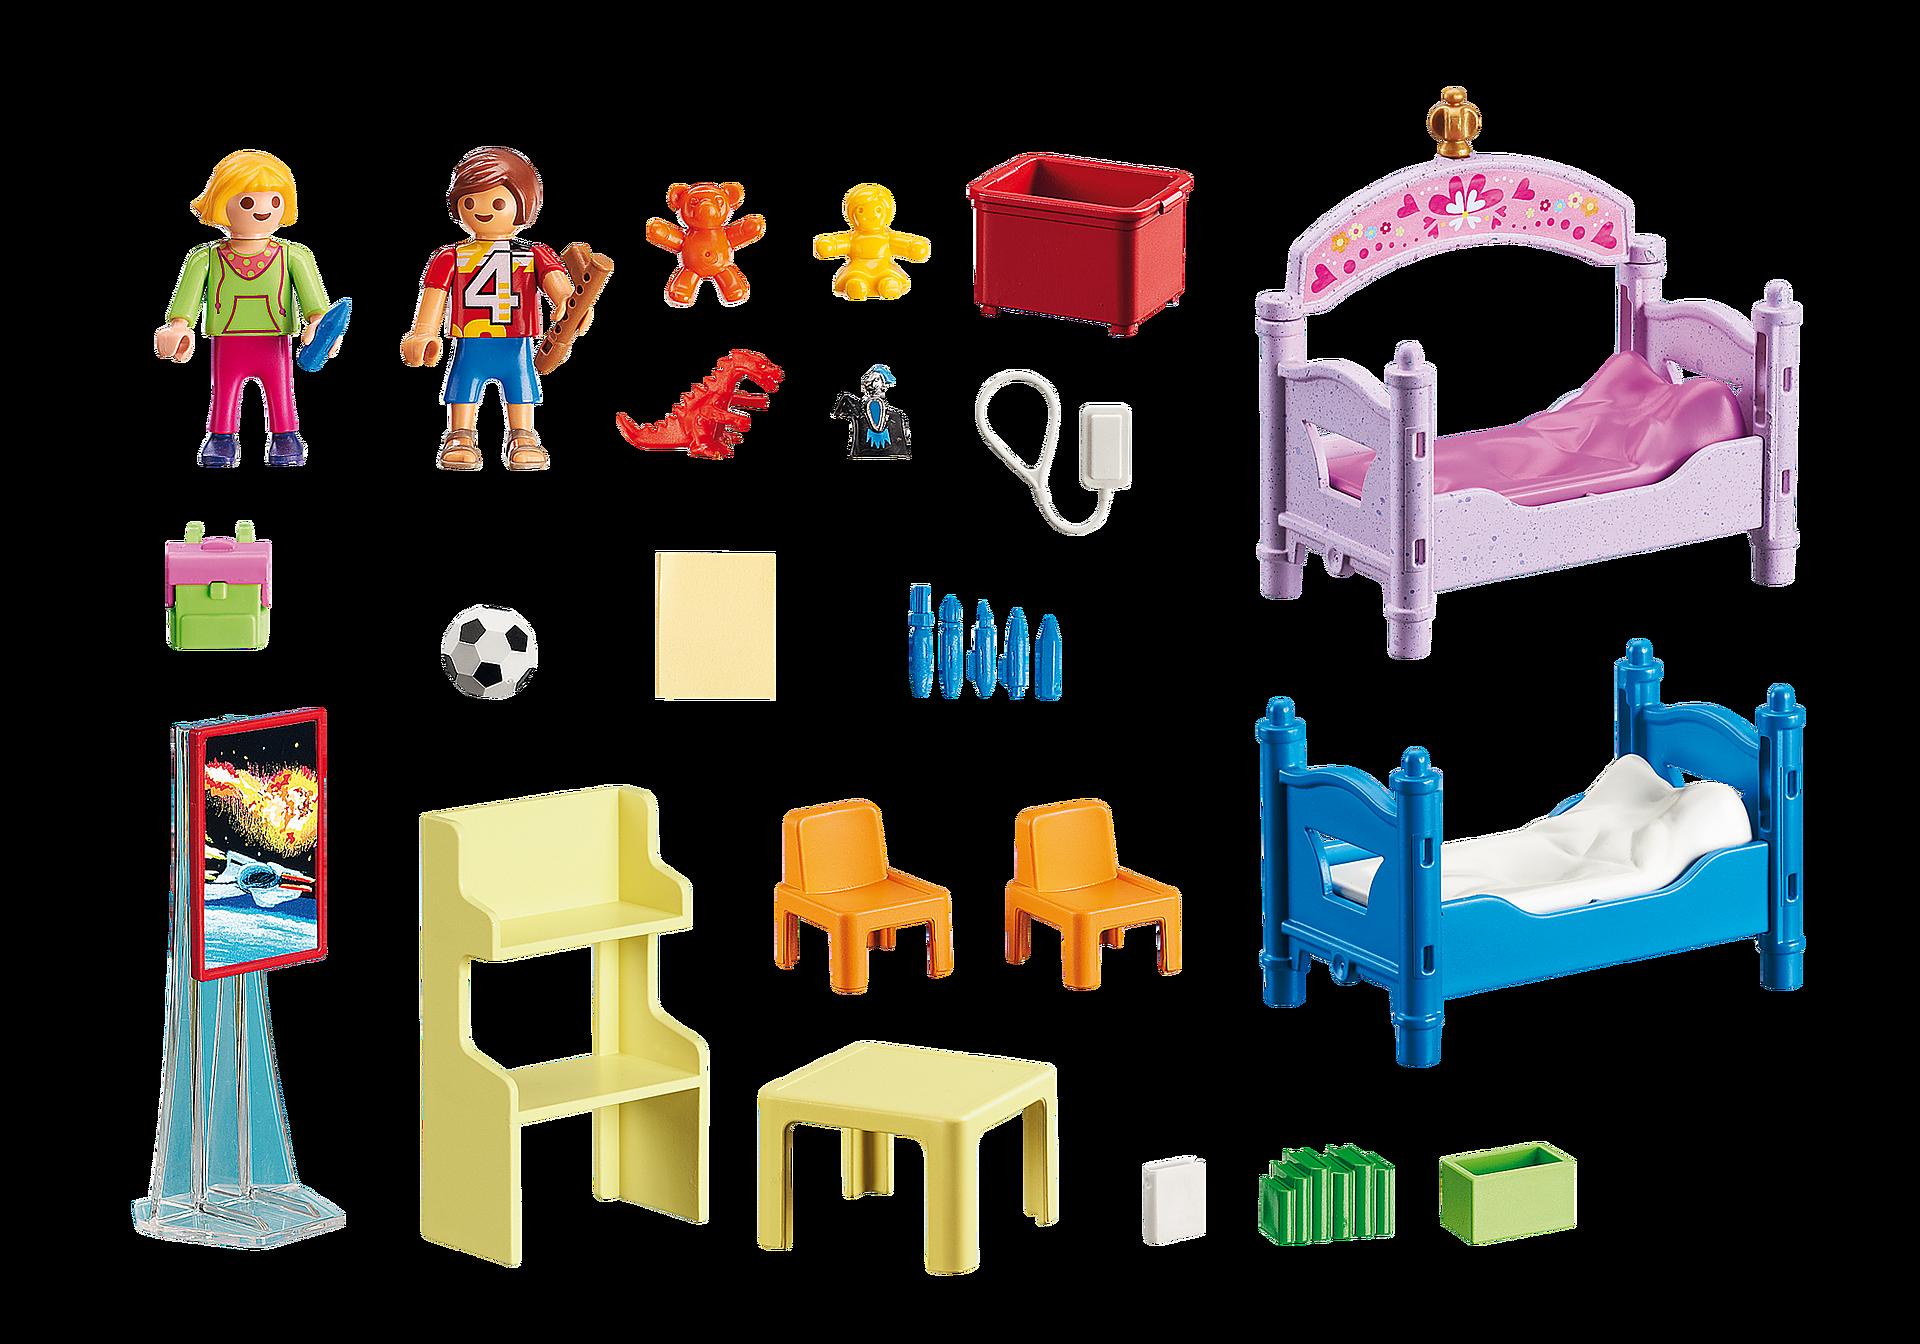 5306 Chambre d'enfants avec lits superposés zoom image3